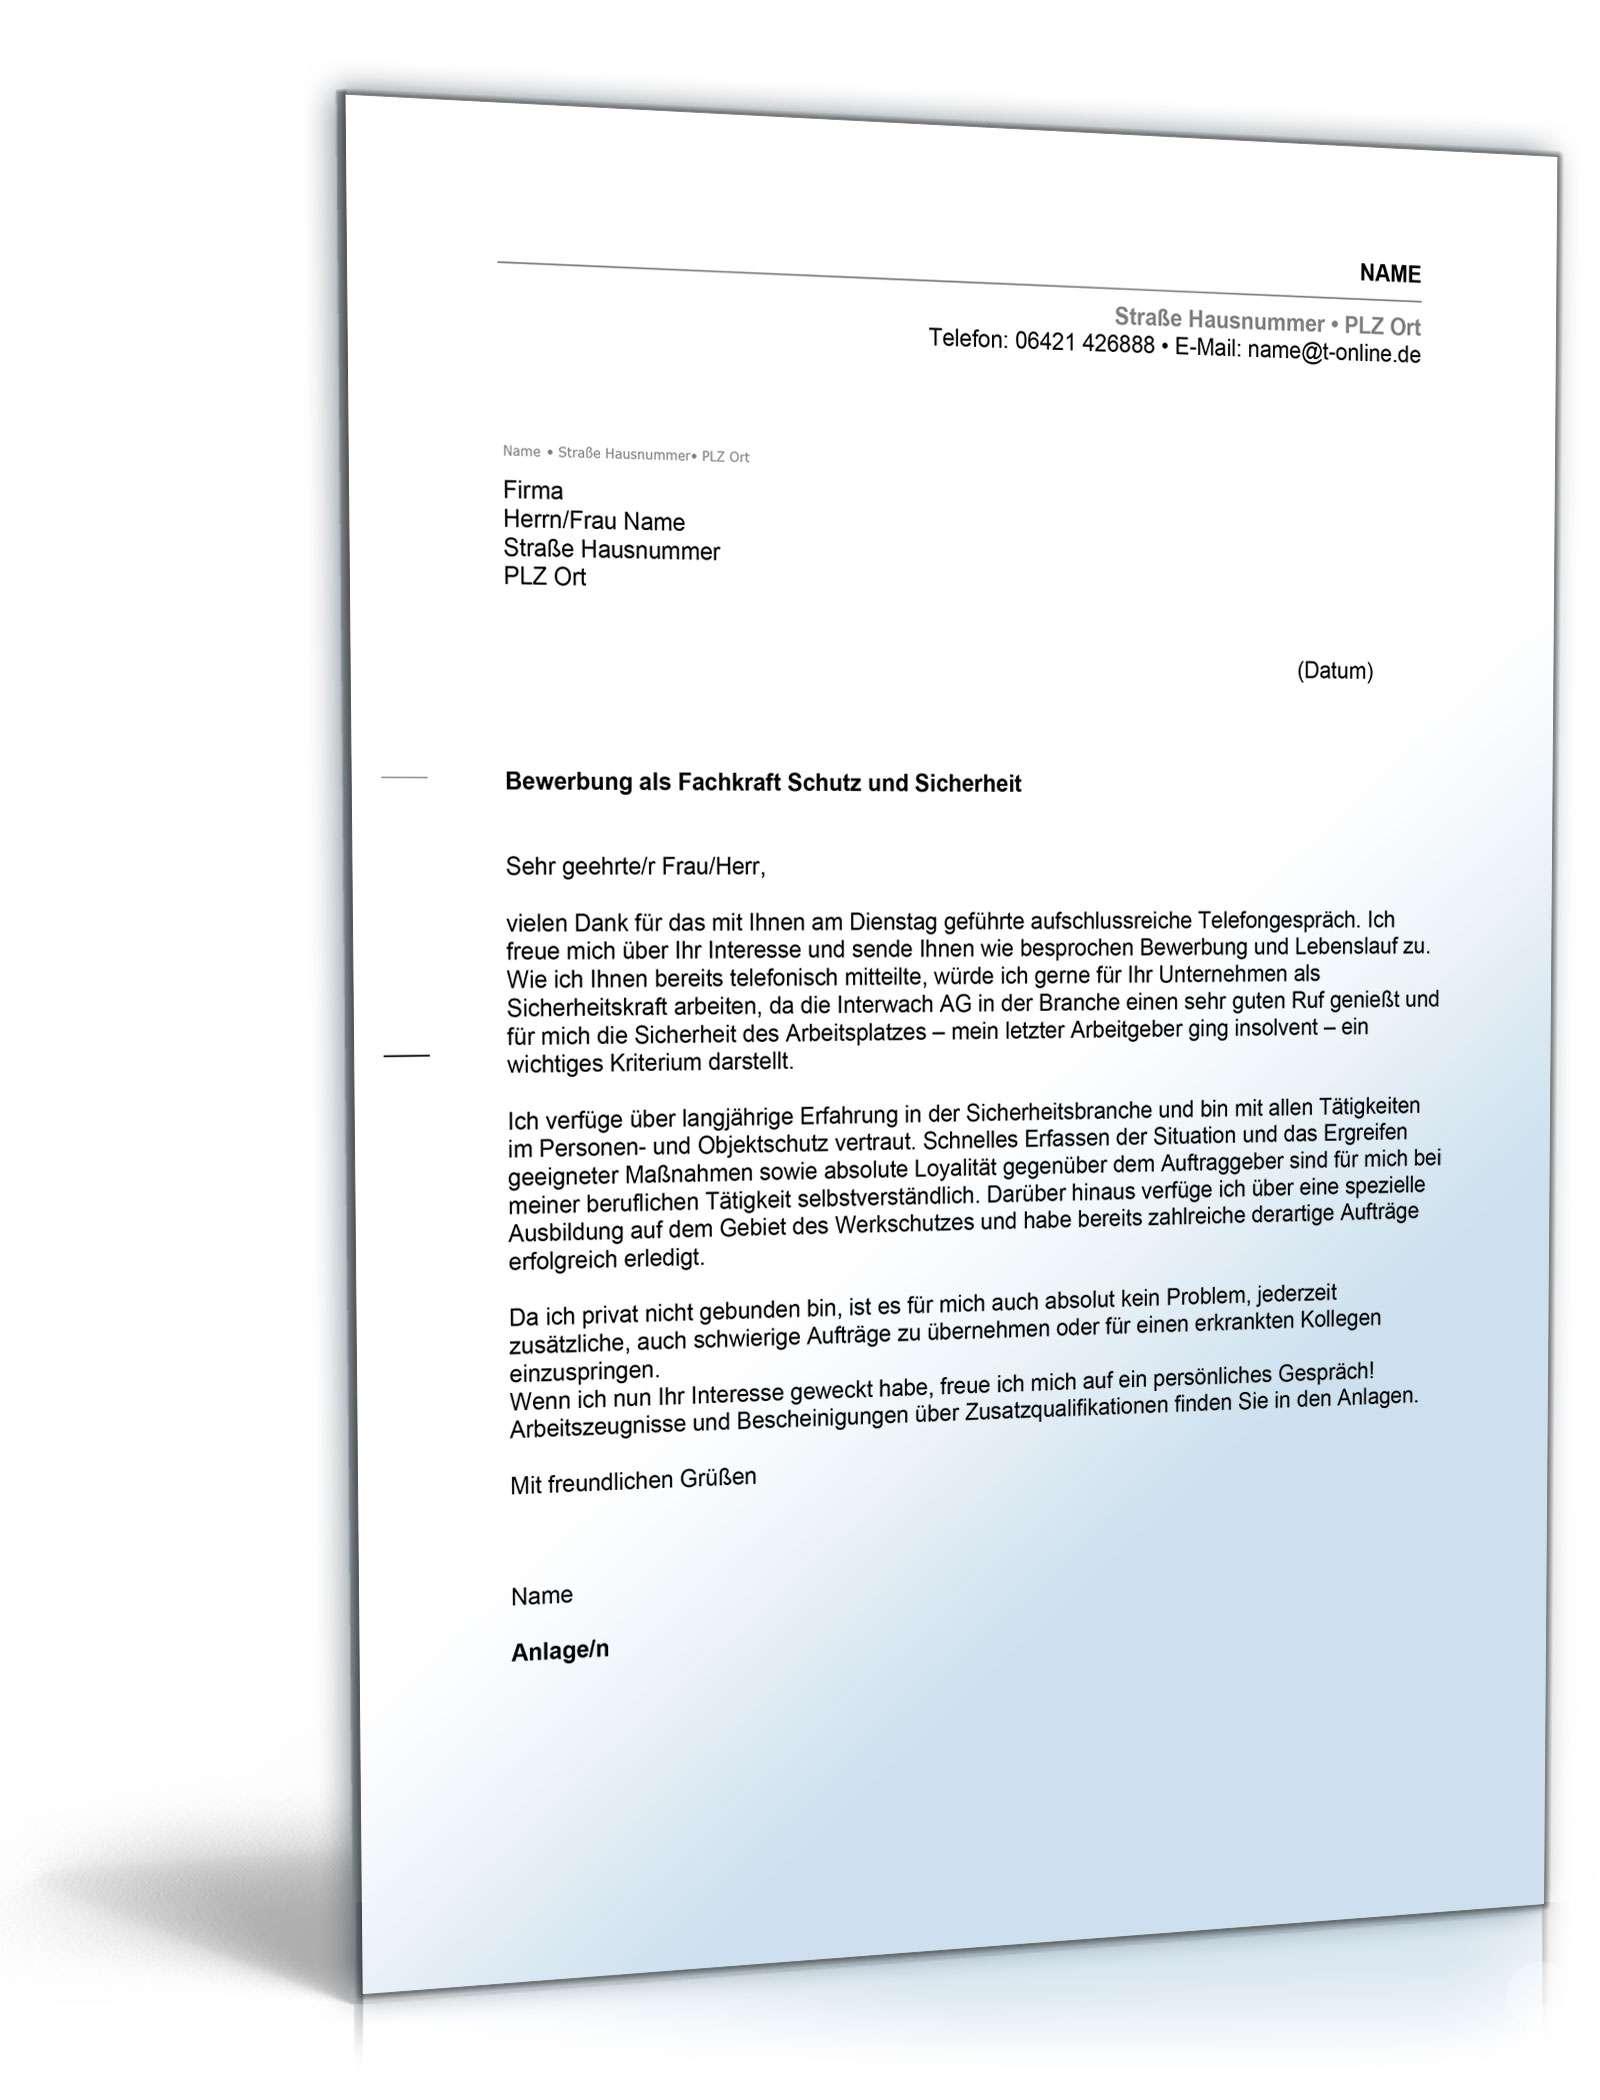 Anschreiben Bewerbung (Fachkraft für Schutz und Sicherheit) Dokument zum Download